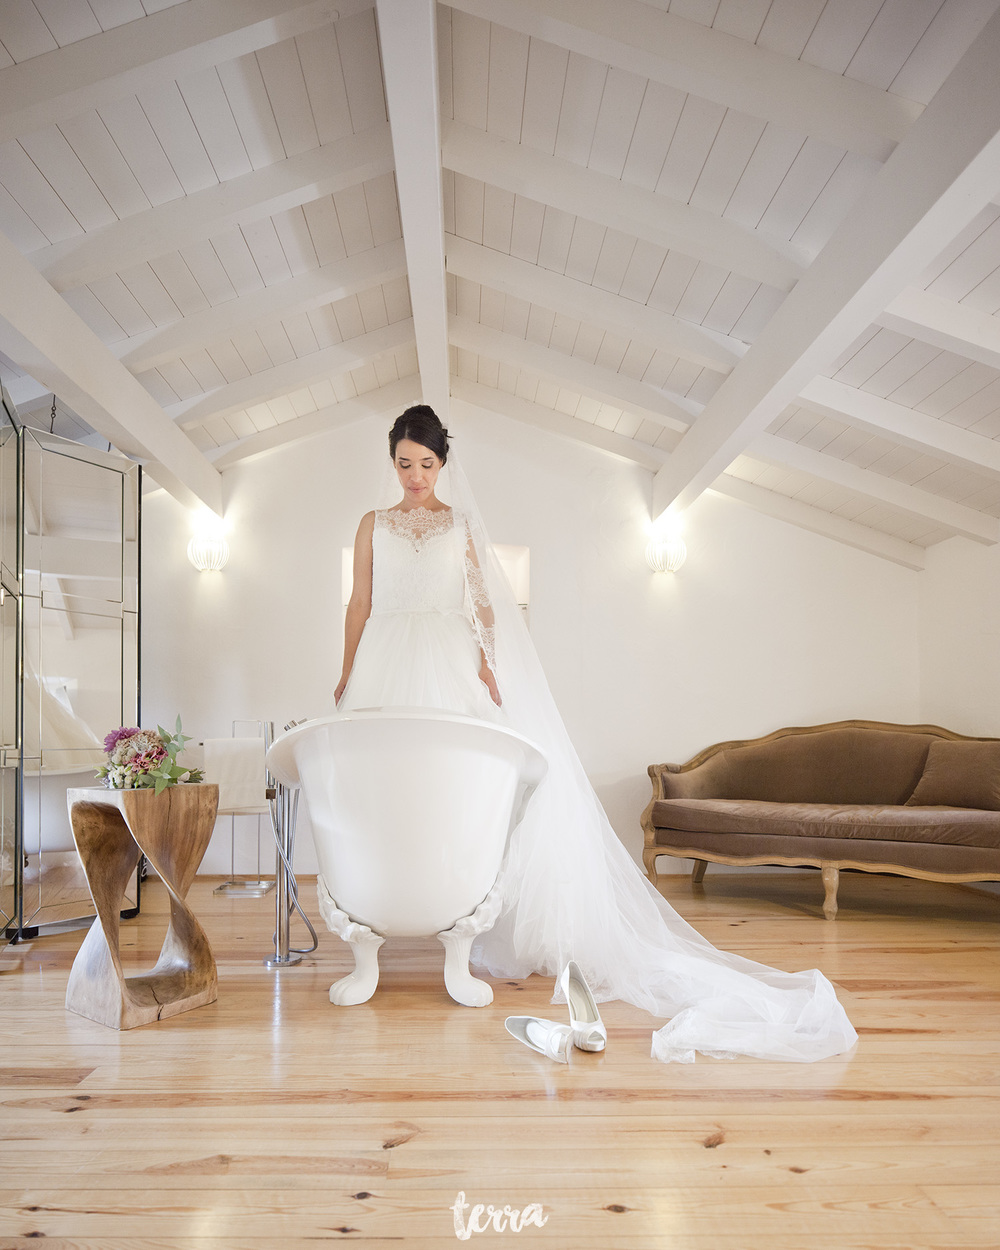 reportagem-casamento-imany-country-house-alentejo-terra-fotografia-0078.jpg